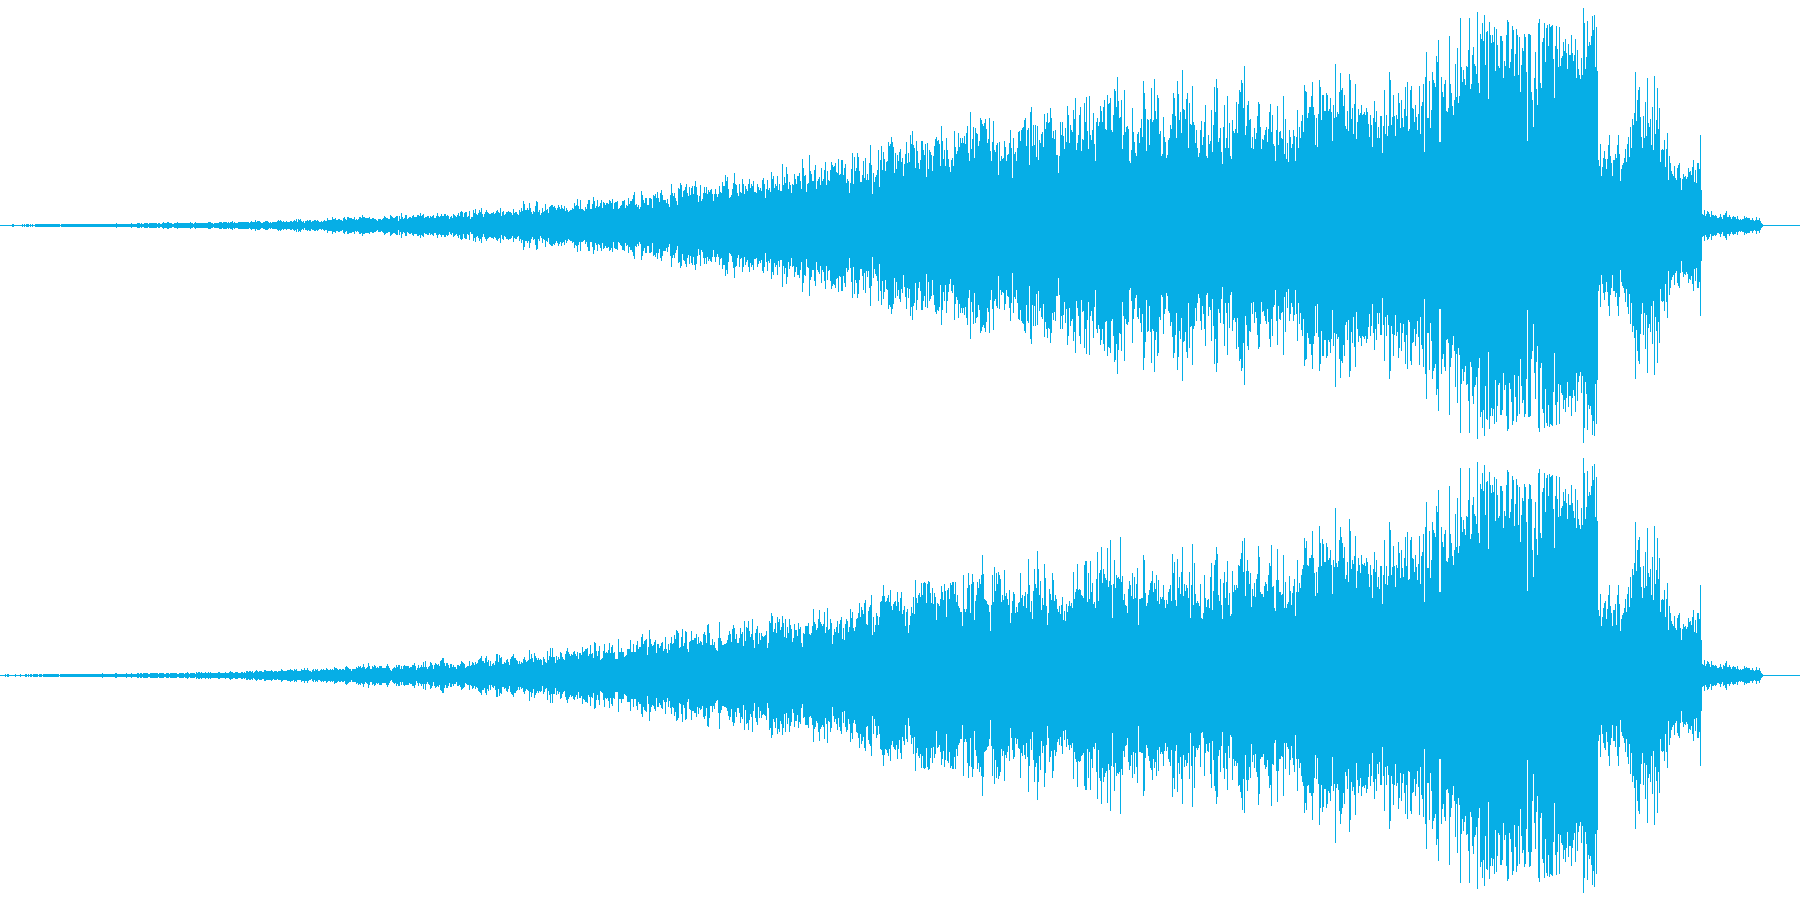 フェードインするキラキラ音の再生済みの波形